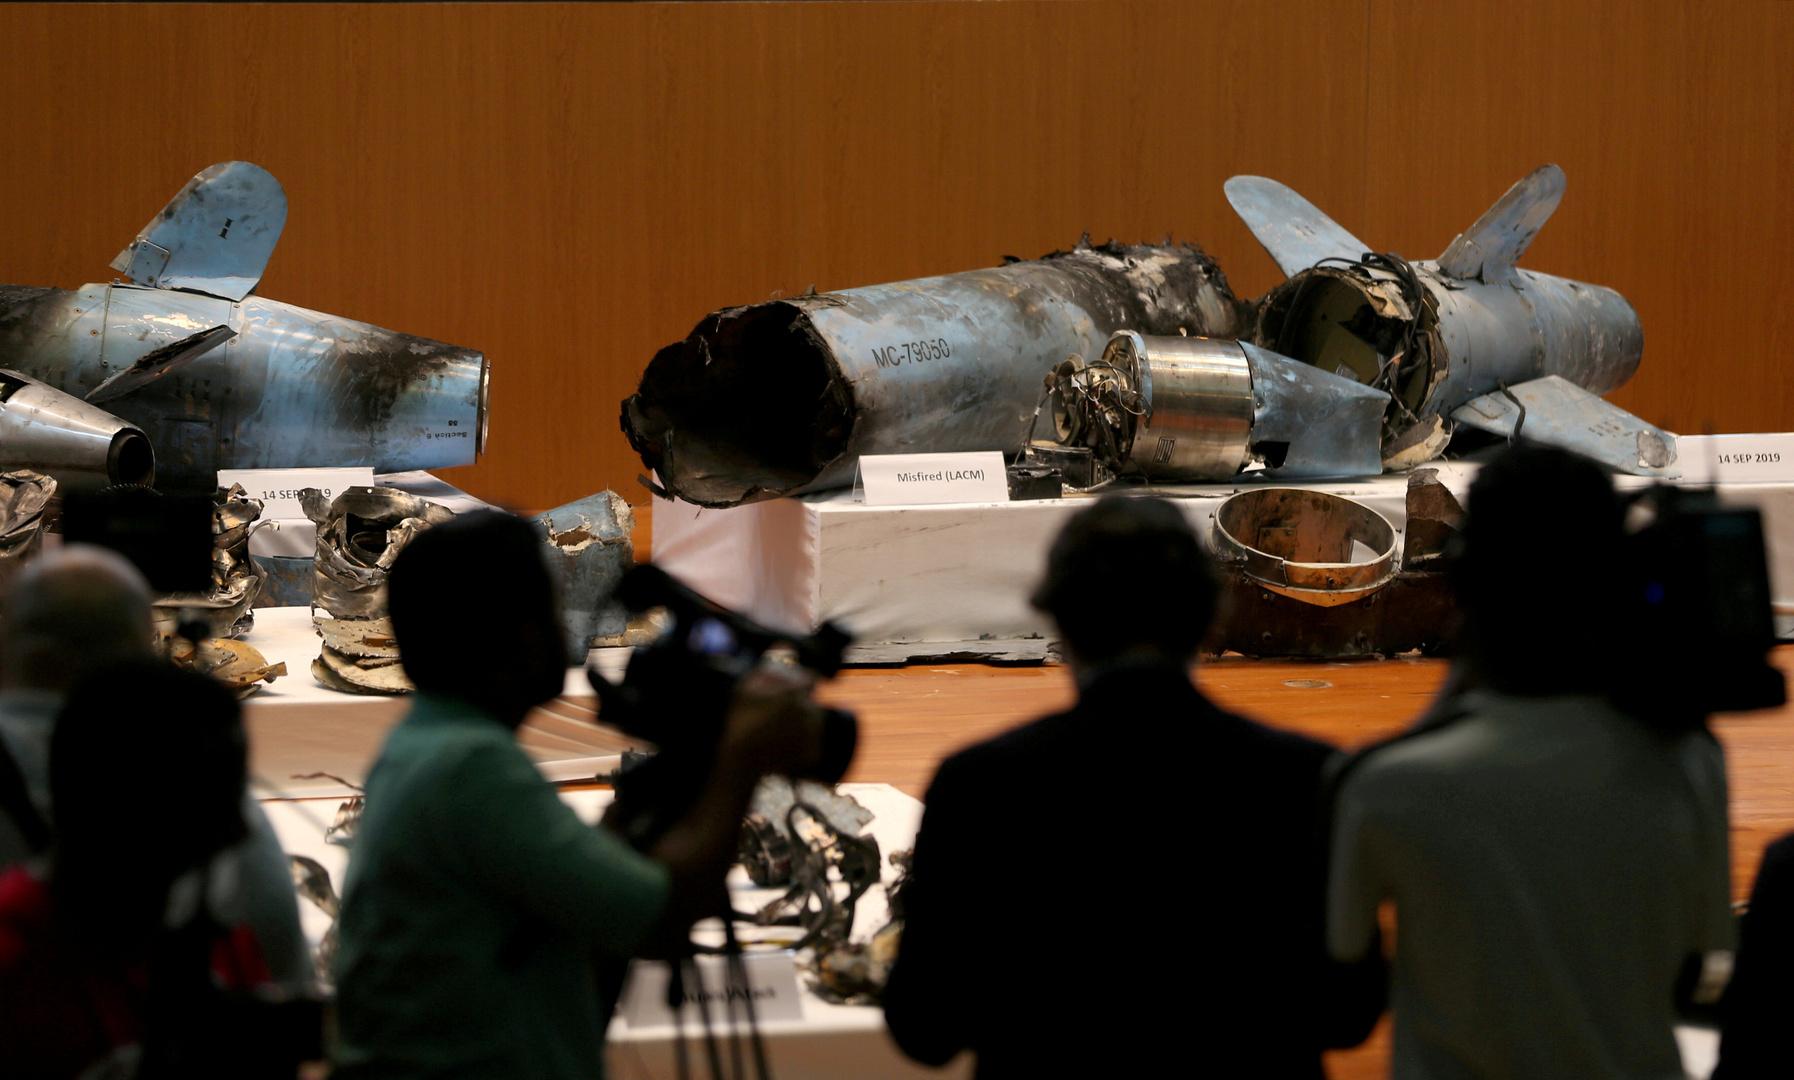 الأمم المتحدة: لا نستطيع تأكيد الهوية الإيرانية للوسائط التي ضربت أرامكو